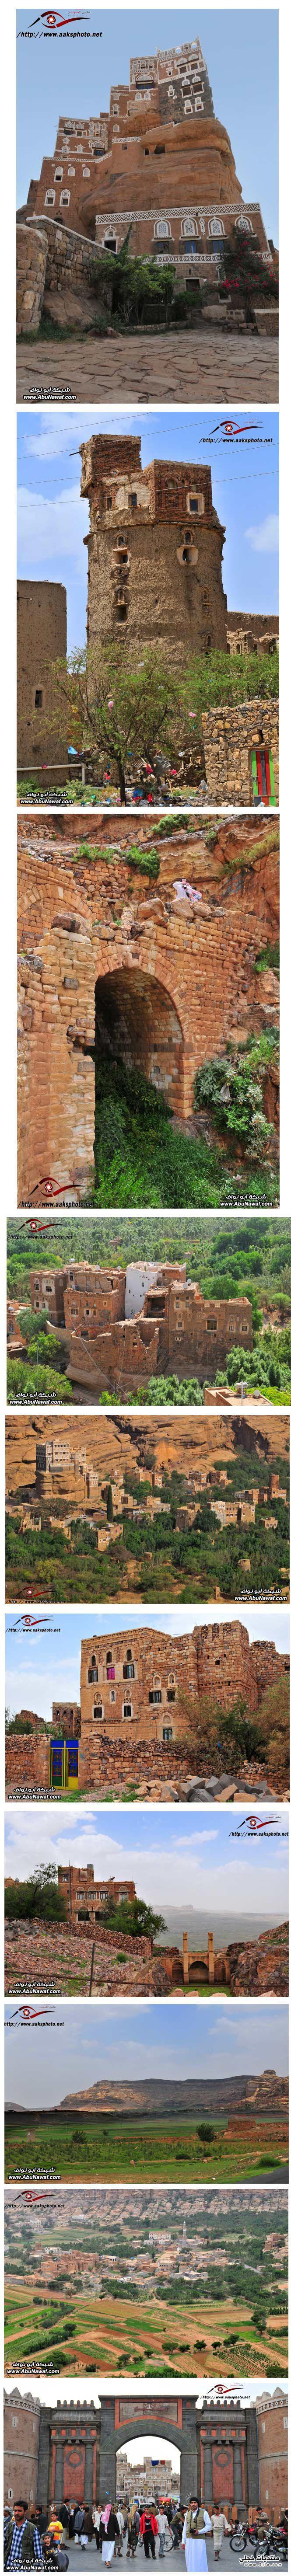 لليمن السعيد 2013 اجمل اليمن2013